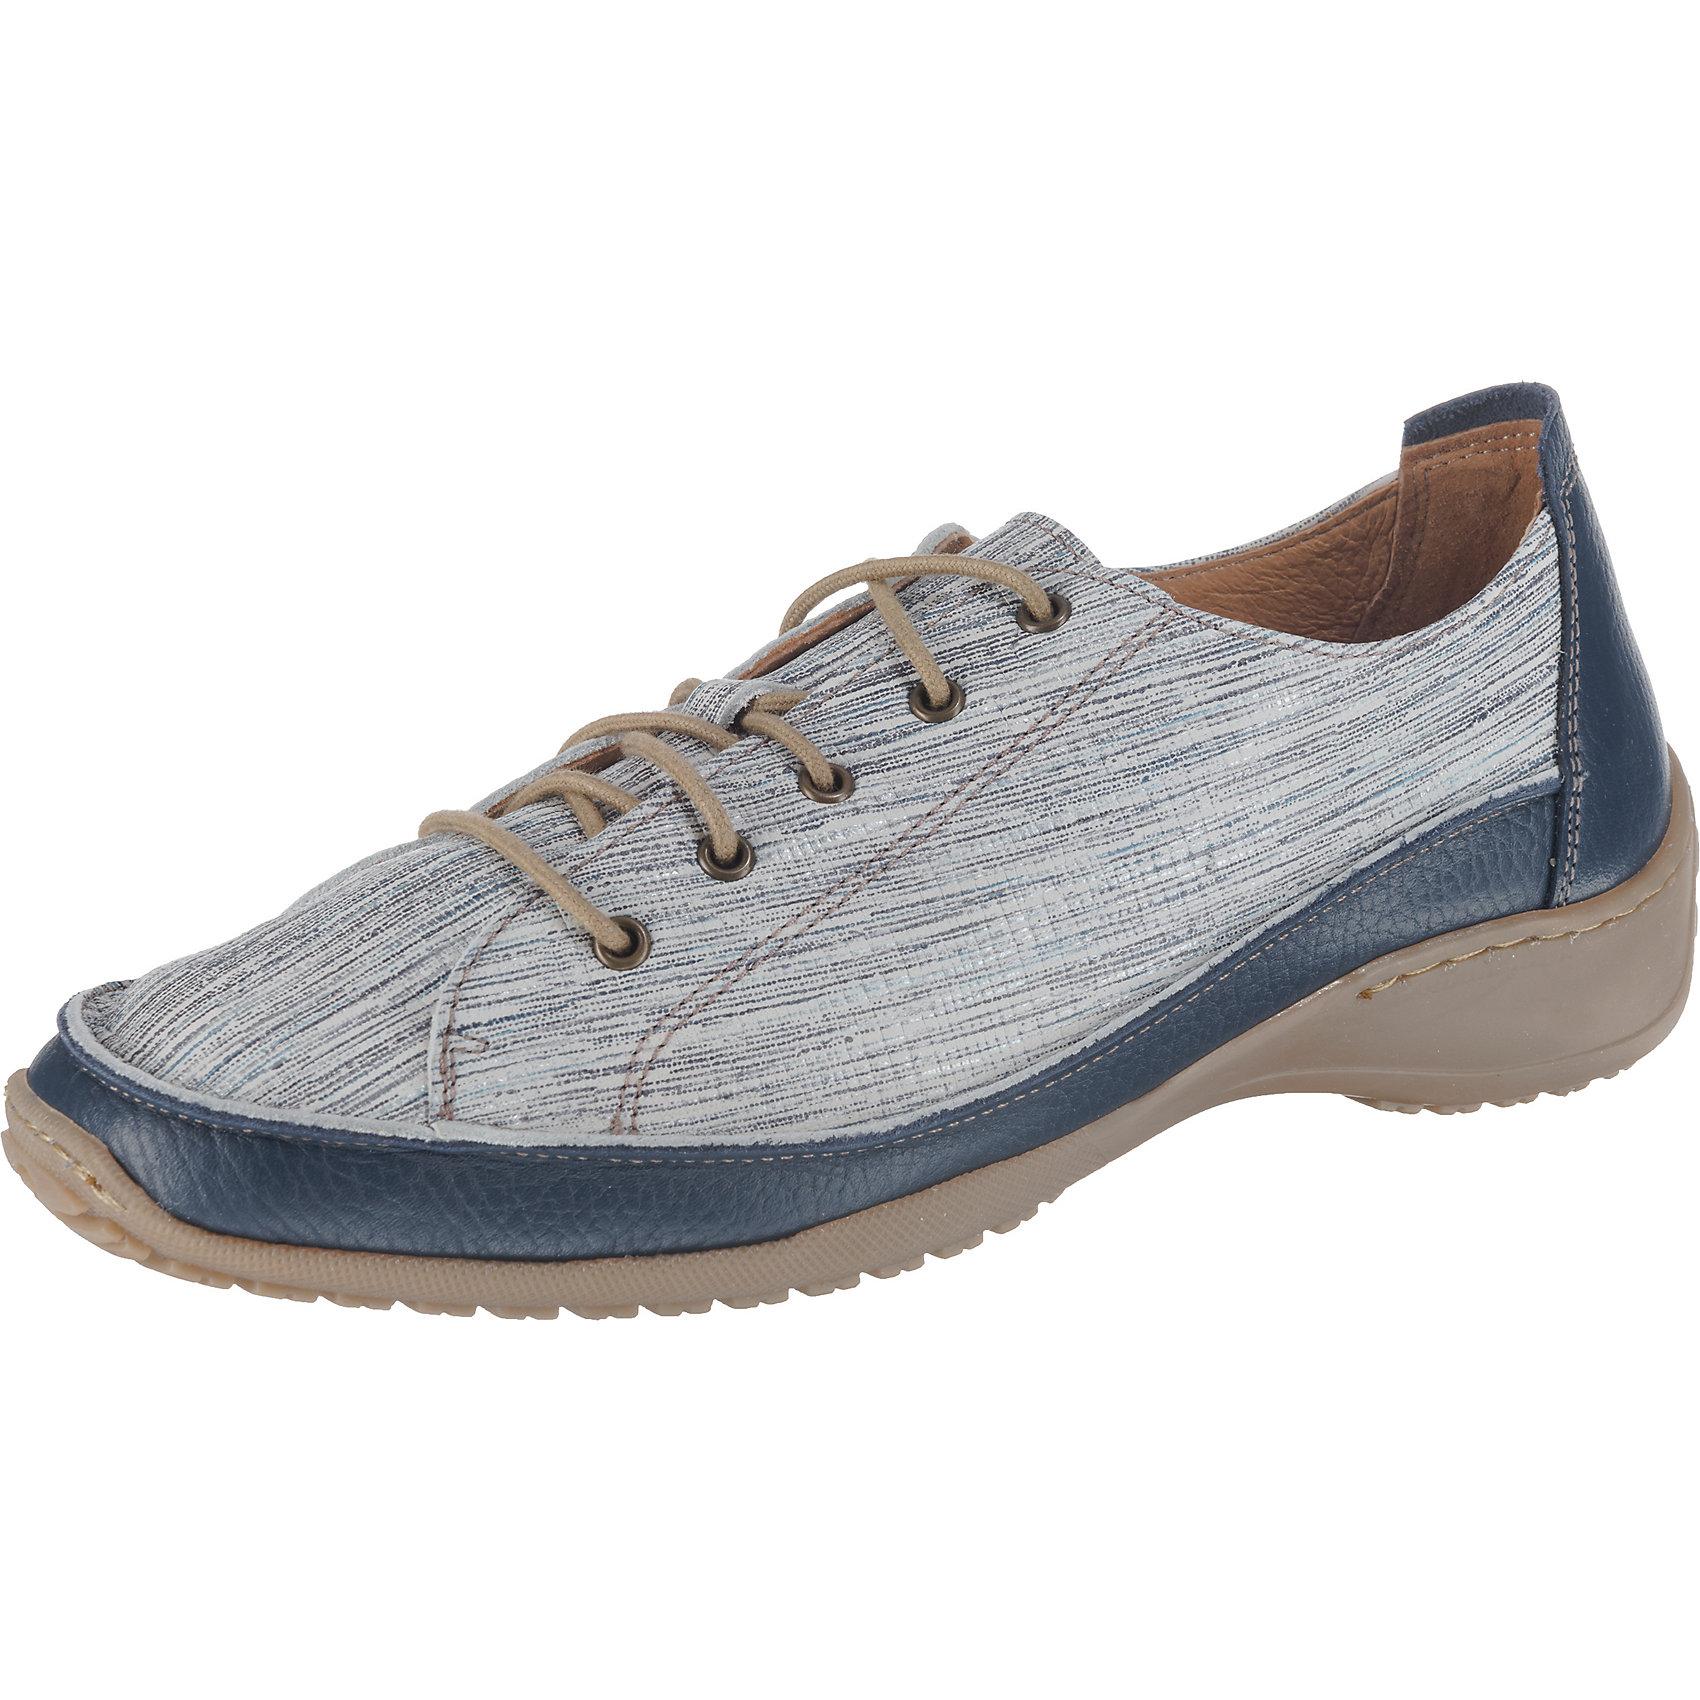 Neu Double Damen You Sneakers Niedrig 6832972 für Damen Double blau 7e318f